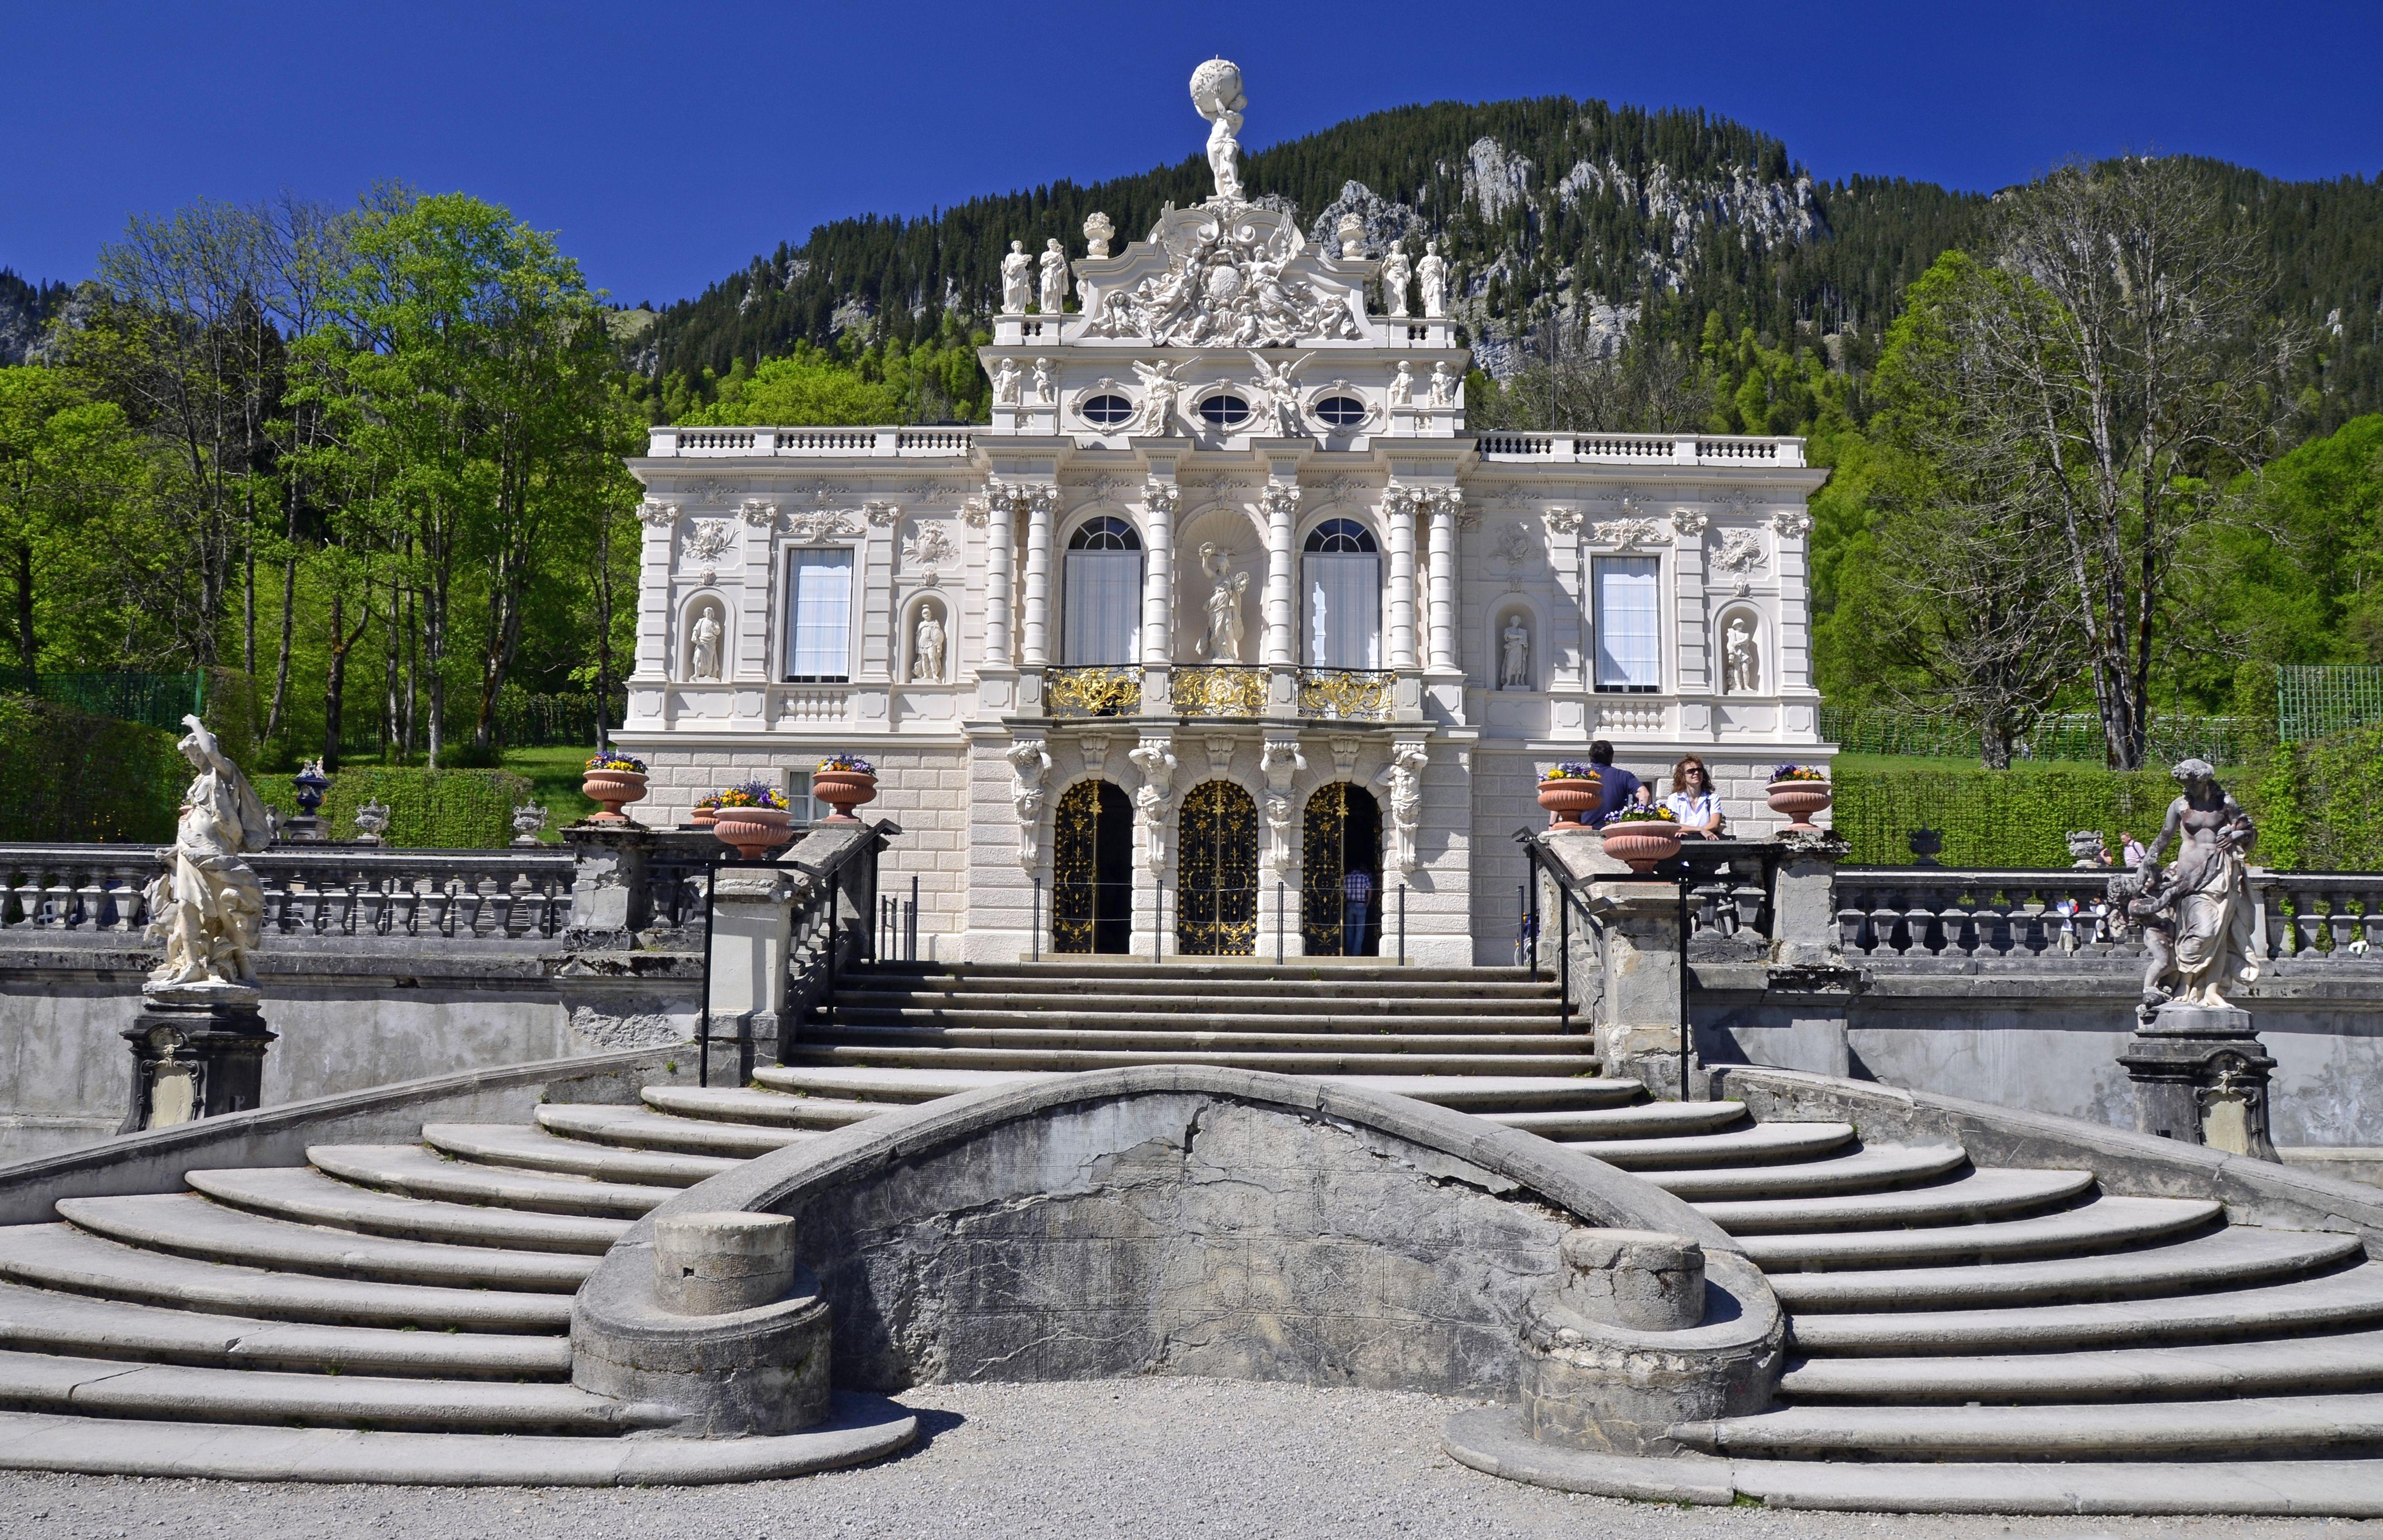 2cbaeac5b184501ba1fdc83251aeabe782409b7c Jpg 4774 3085 Schloss Linderhof Schloss Linderhof